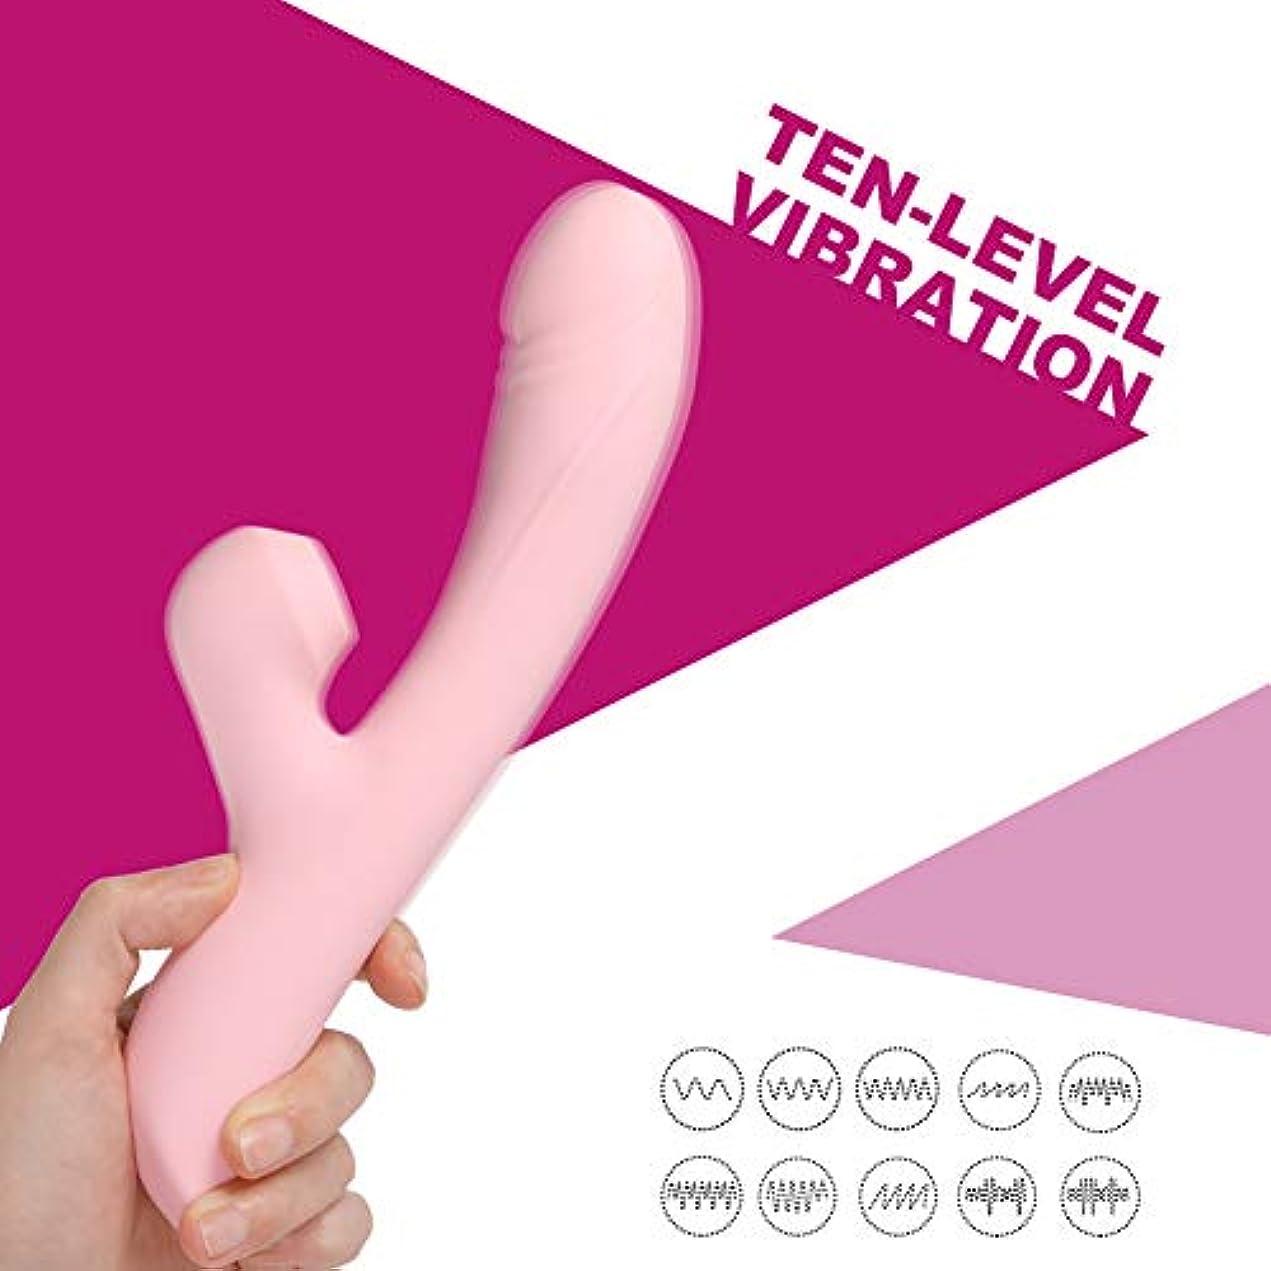 暴徒パウダーユーモアオイル セルライト バイブレーターUSB充電式 AVマジック ワンドバイブレーター マッサージャー 大人のおもちゃ女性用 10スピード電動マッサージ器 42度加熱 自由に曲げられる (ピンク色)